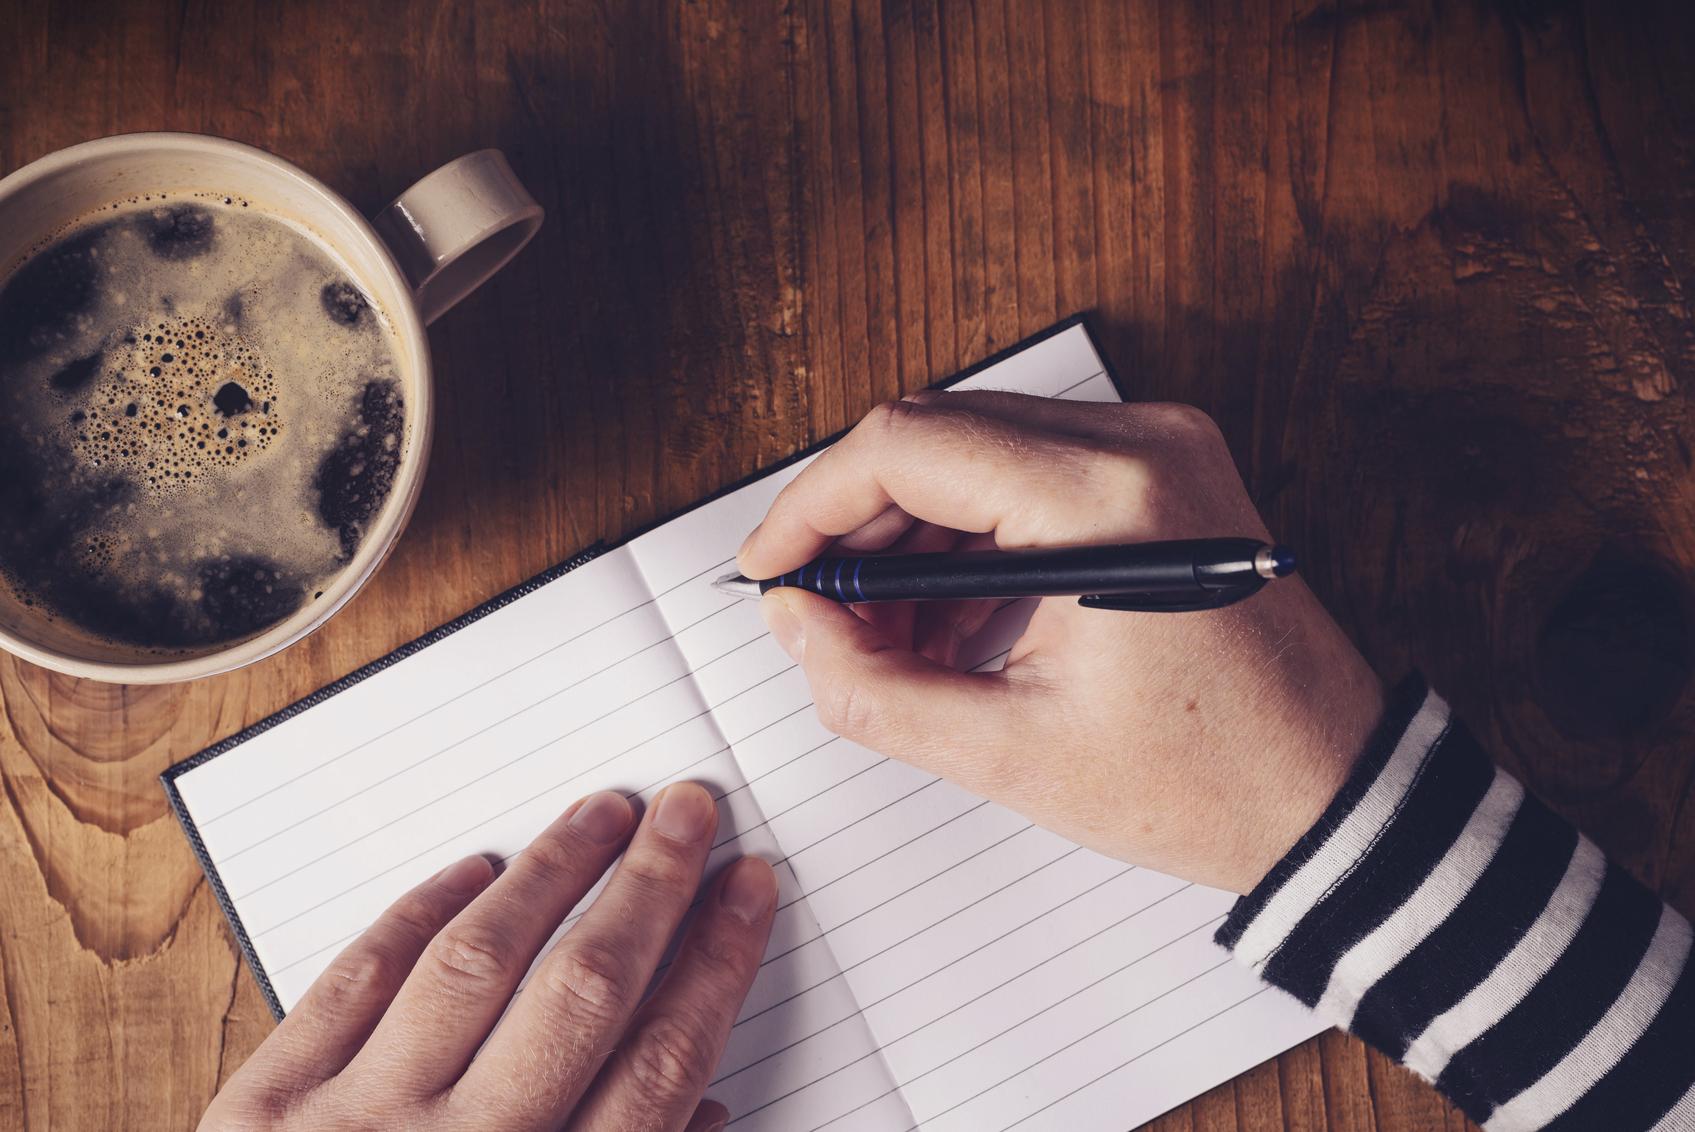 寫作讓你痛苦嗎?來學 9 招延長句子的秘訣。